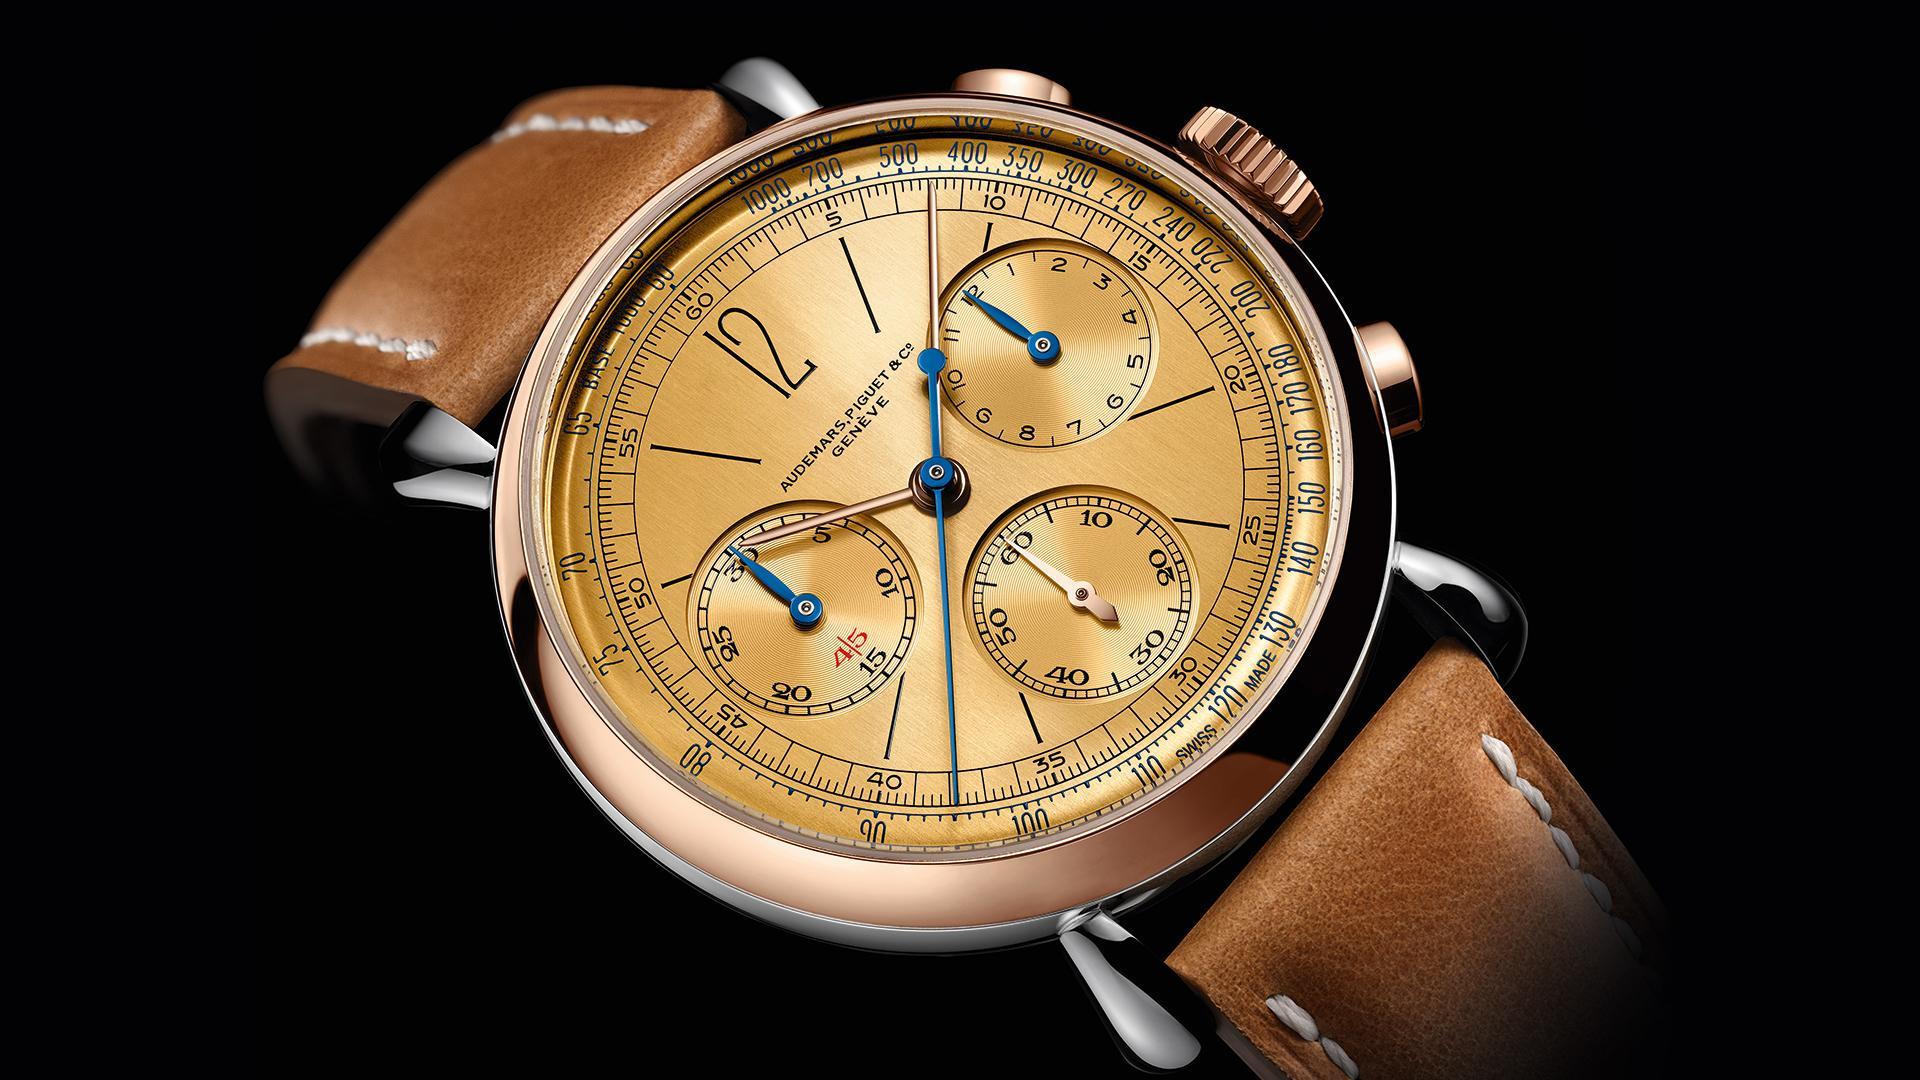 Audemars Piguet [Re]master01 Self Winding Chronograph watch